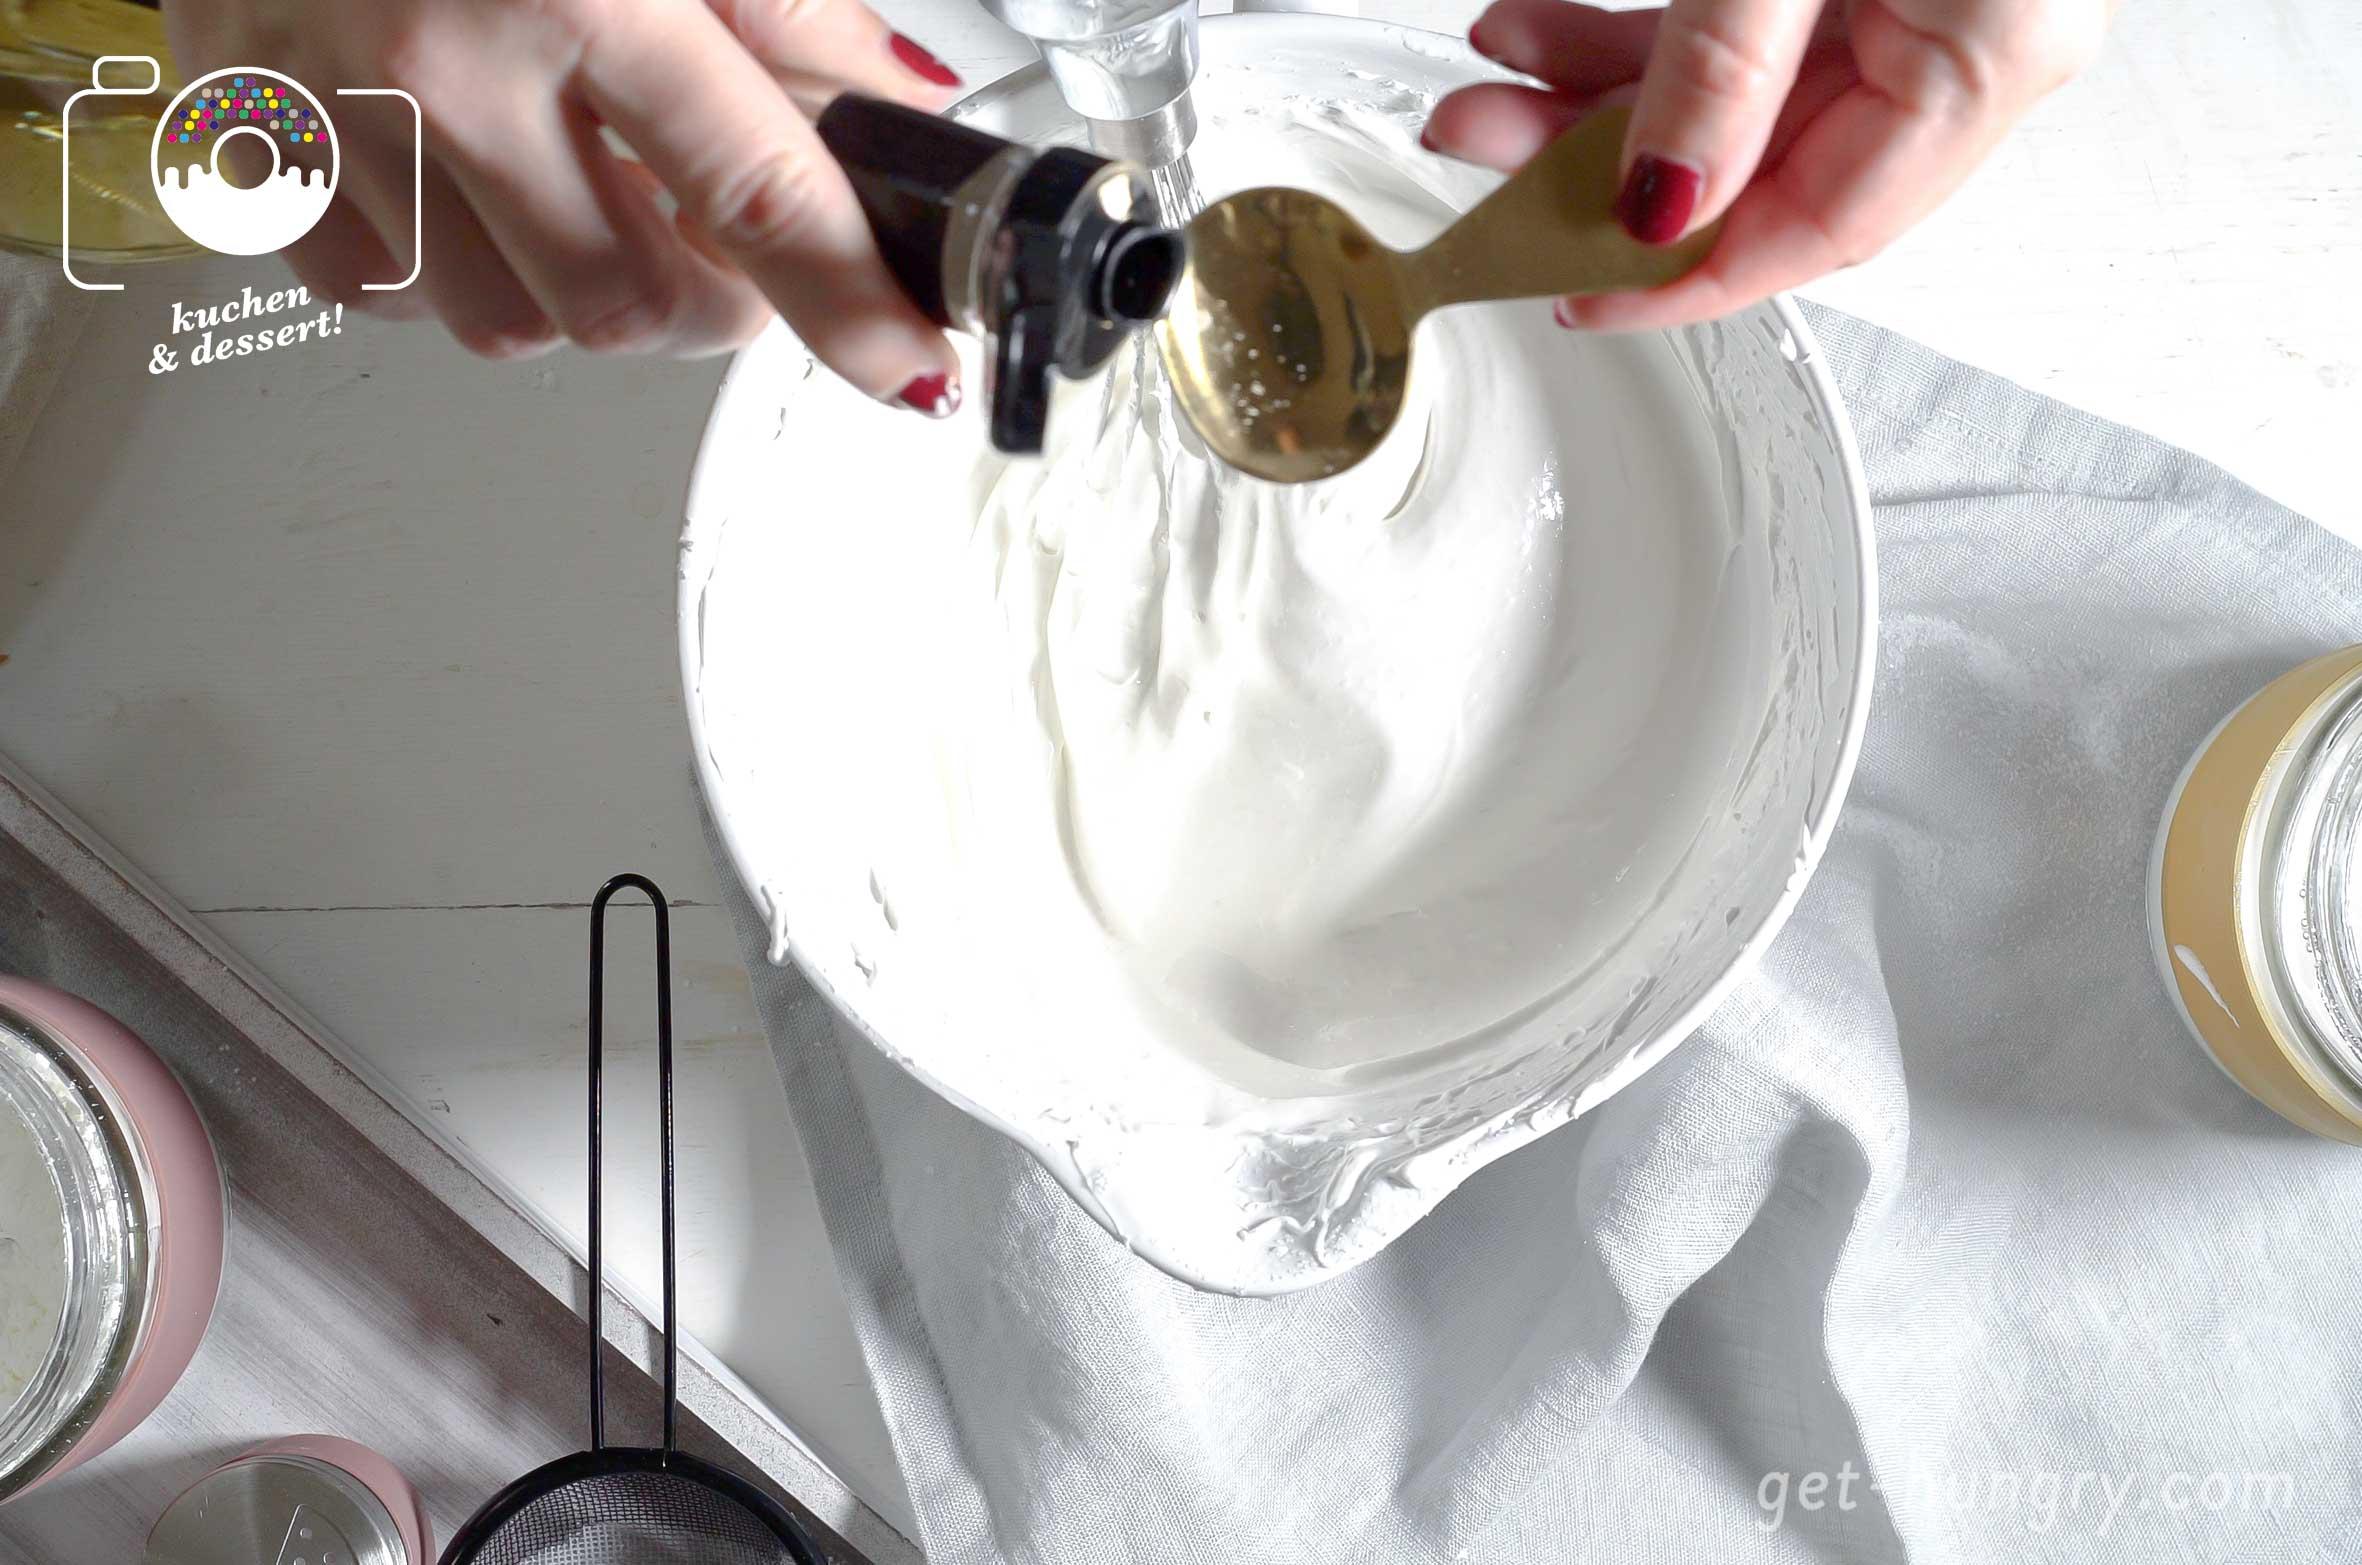 """2 Teelöffel Essig - Ja, richtig gelesen, Essig. Es geht aber auch Zitronensaft. Am besten nimmst du aber weißen Balsamico. Zusammen mit der Stärke sorgt er für das typische """"marshmallow-artige"""" Innere der Pavlova. Und nein, schmeckt man nicht."""